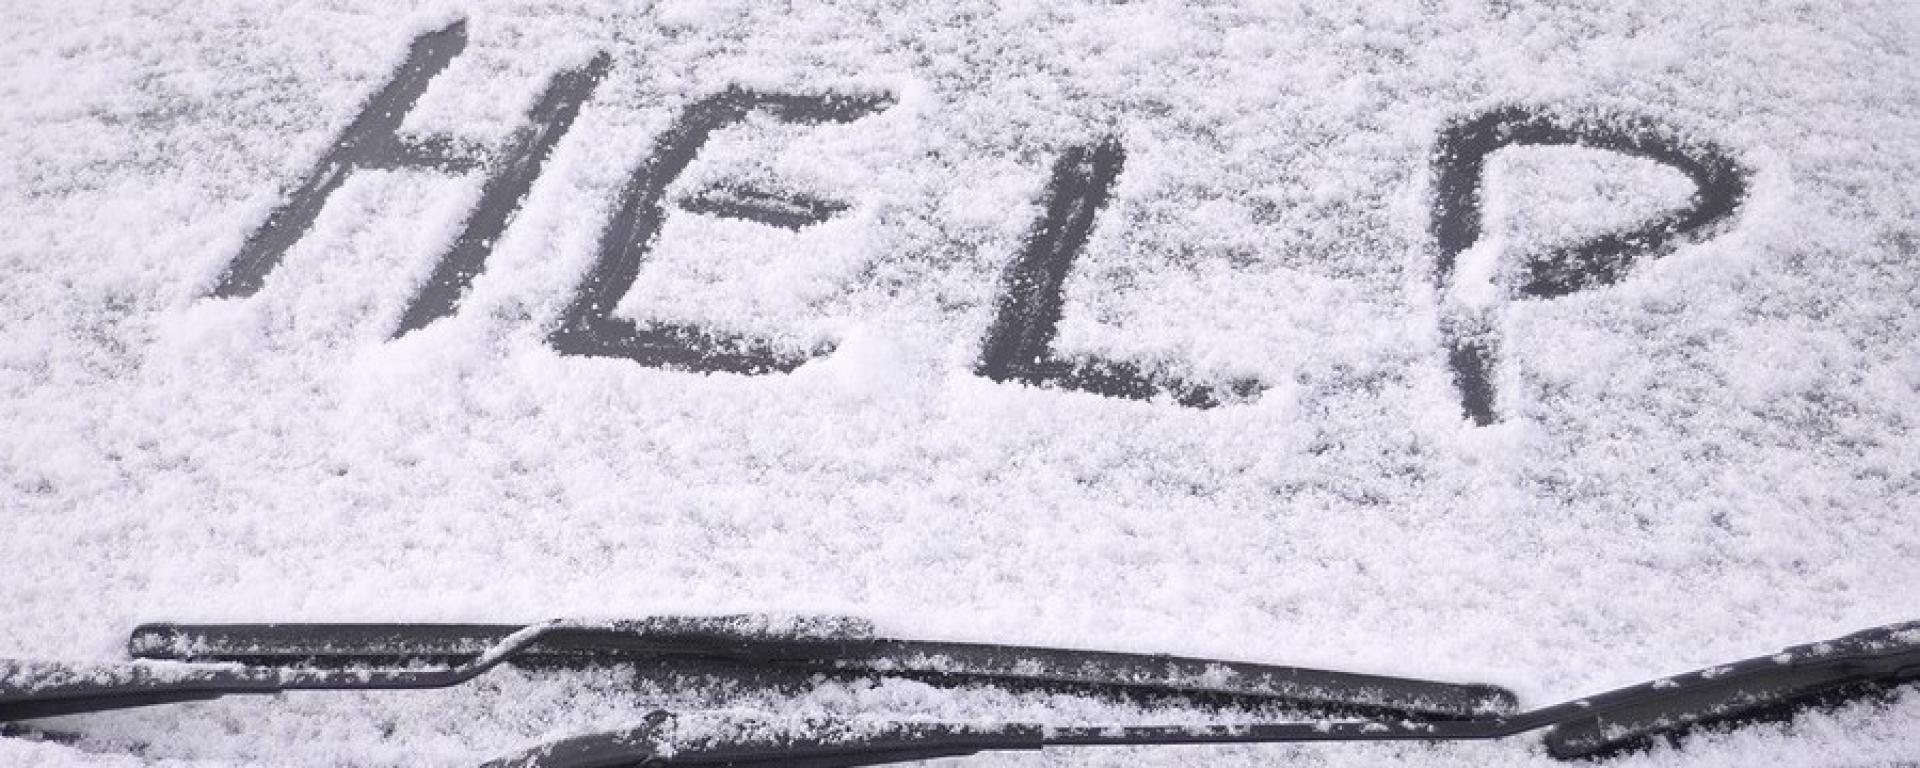 Come togliere la neve dall'auto